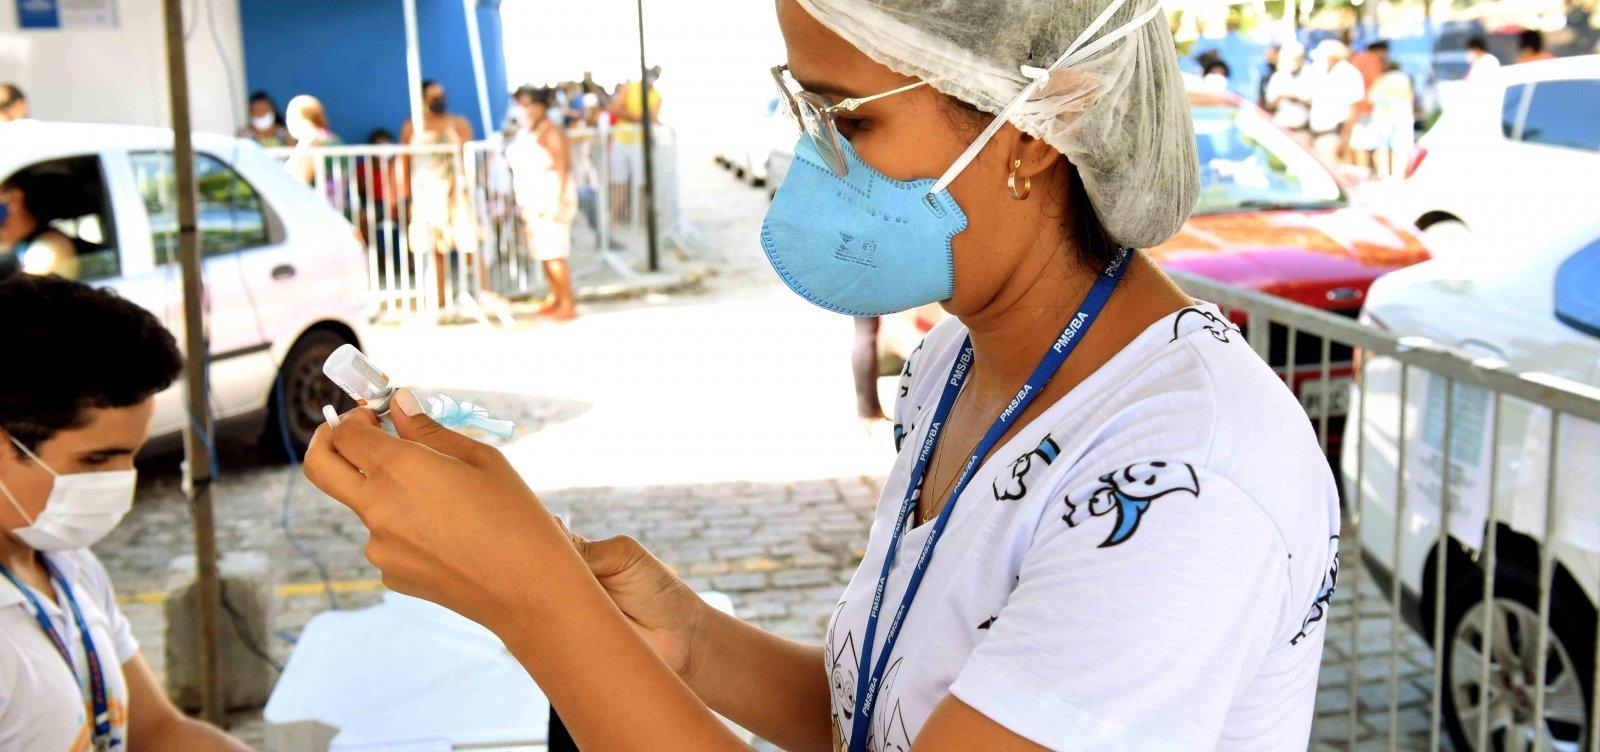 Quase um mês após denúncia, mulher continua sem conseguir se vacinar por erro no sistema